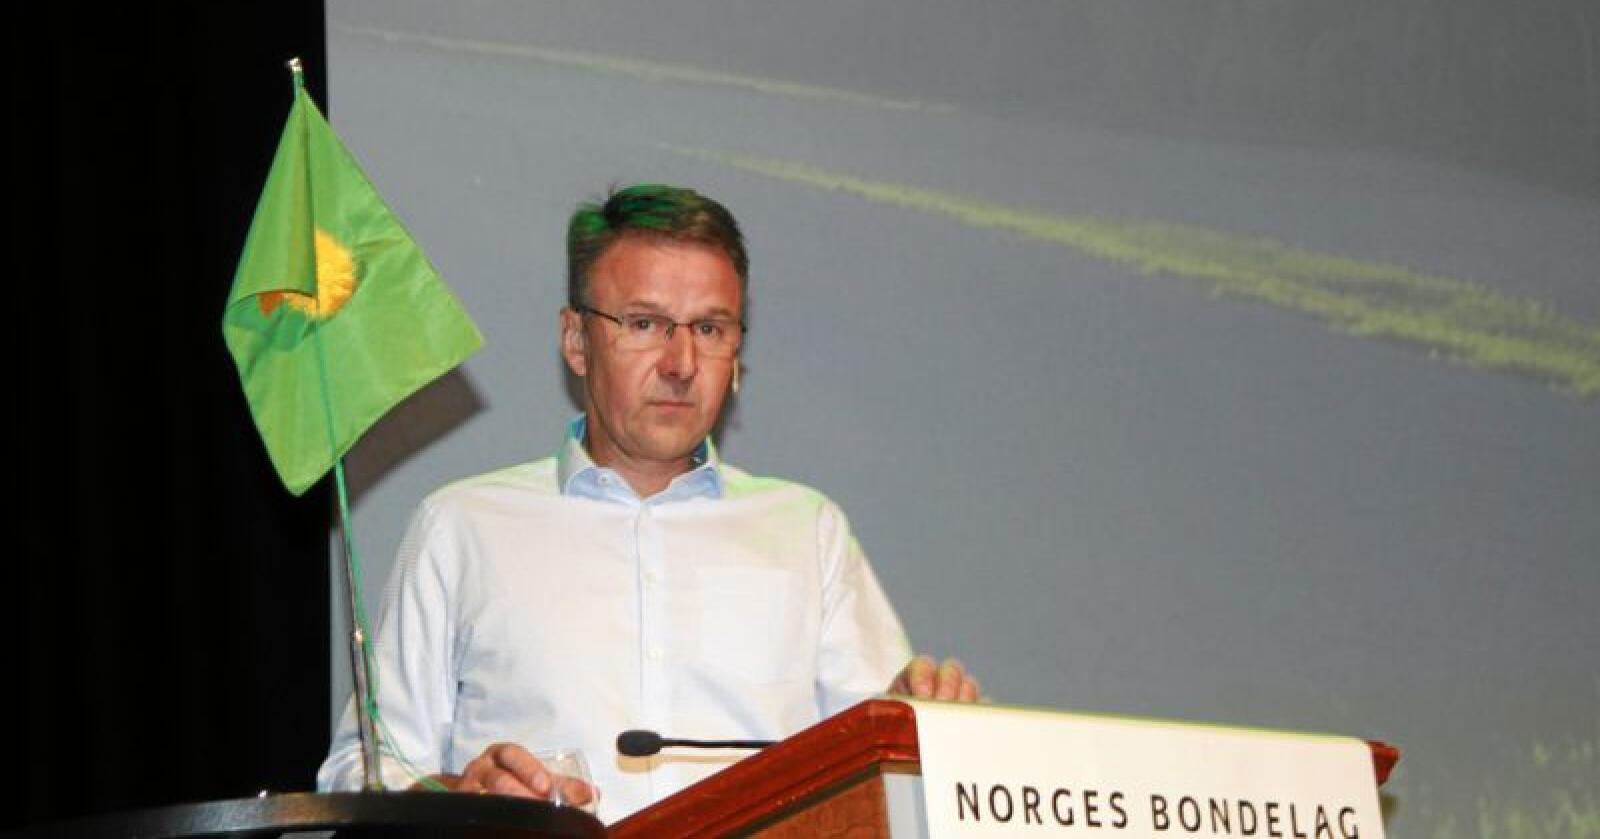 Lars Petter Bartnes, leder i Norges Bondelag, holdt tale til Bondetinget. Foto: Svein Egil Hatlevik